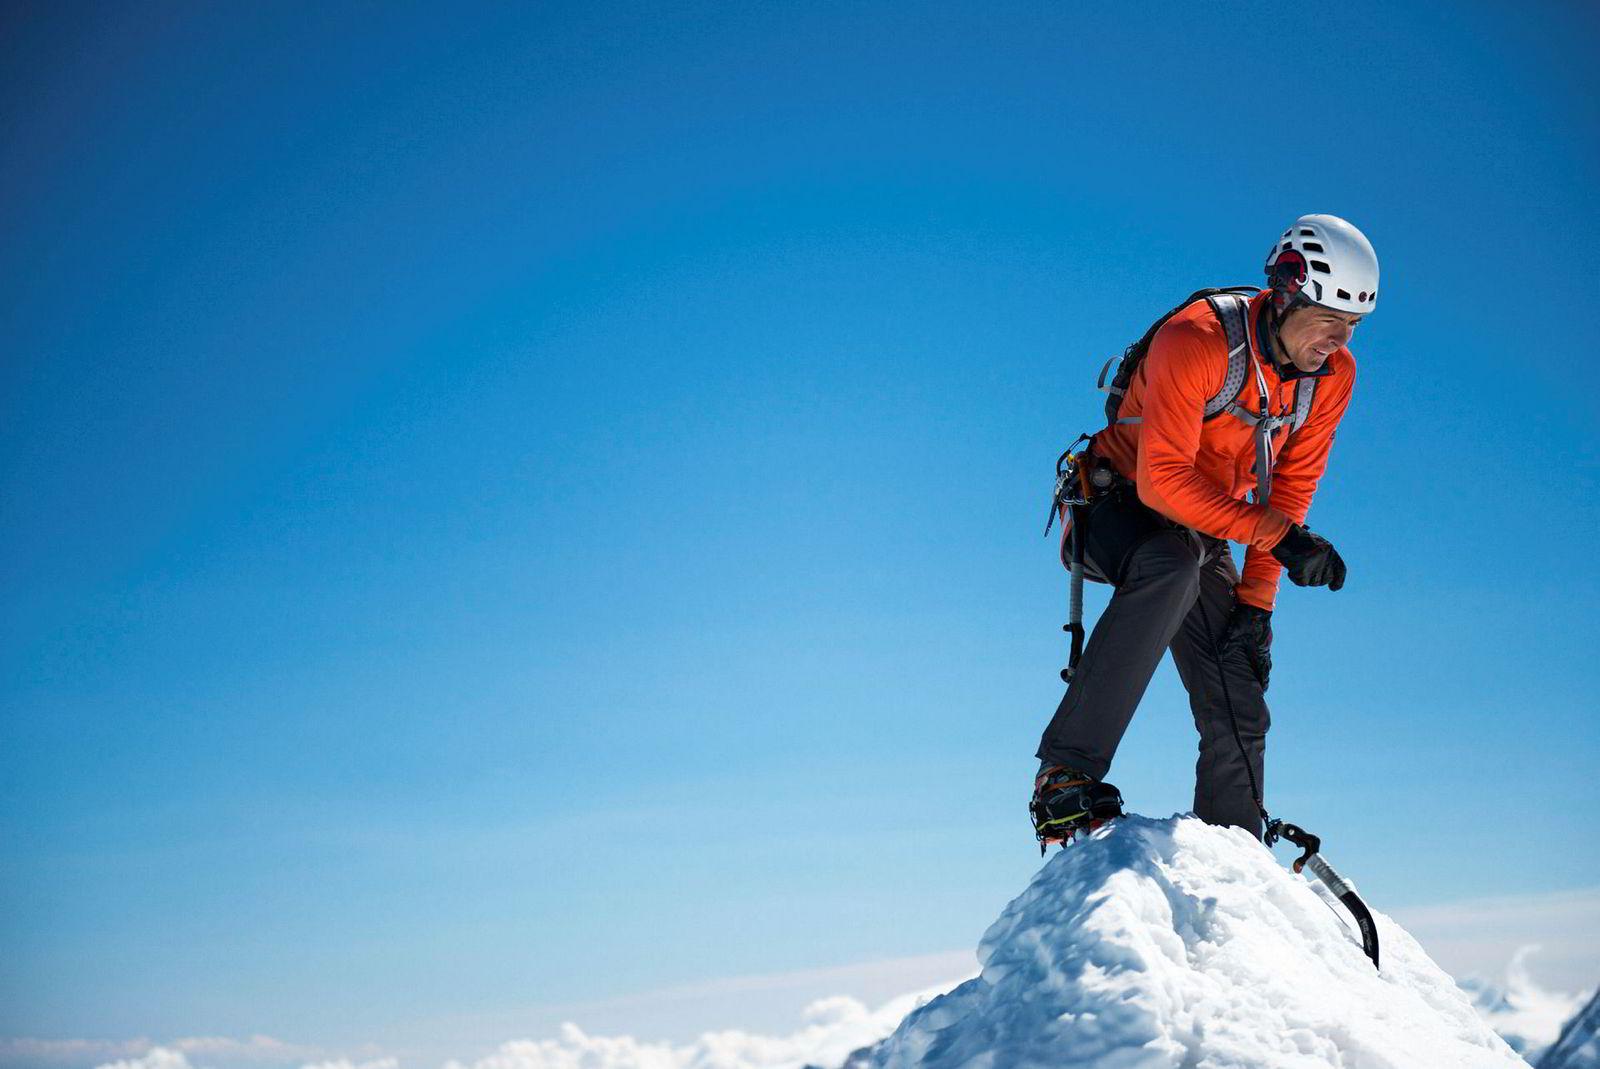 Dani Arnold på toppen av Matterhorn. 33-åringen mener risikoen for å falle er større når han er sikret i tau, fordi han da tar større sjanser.